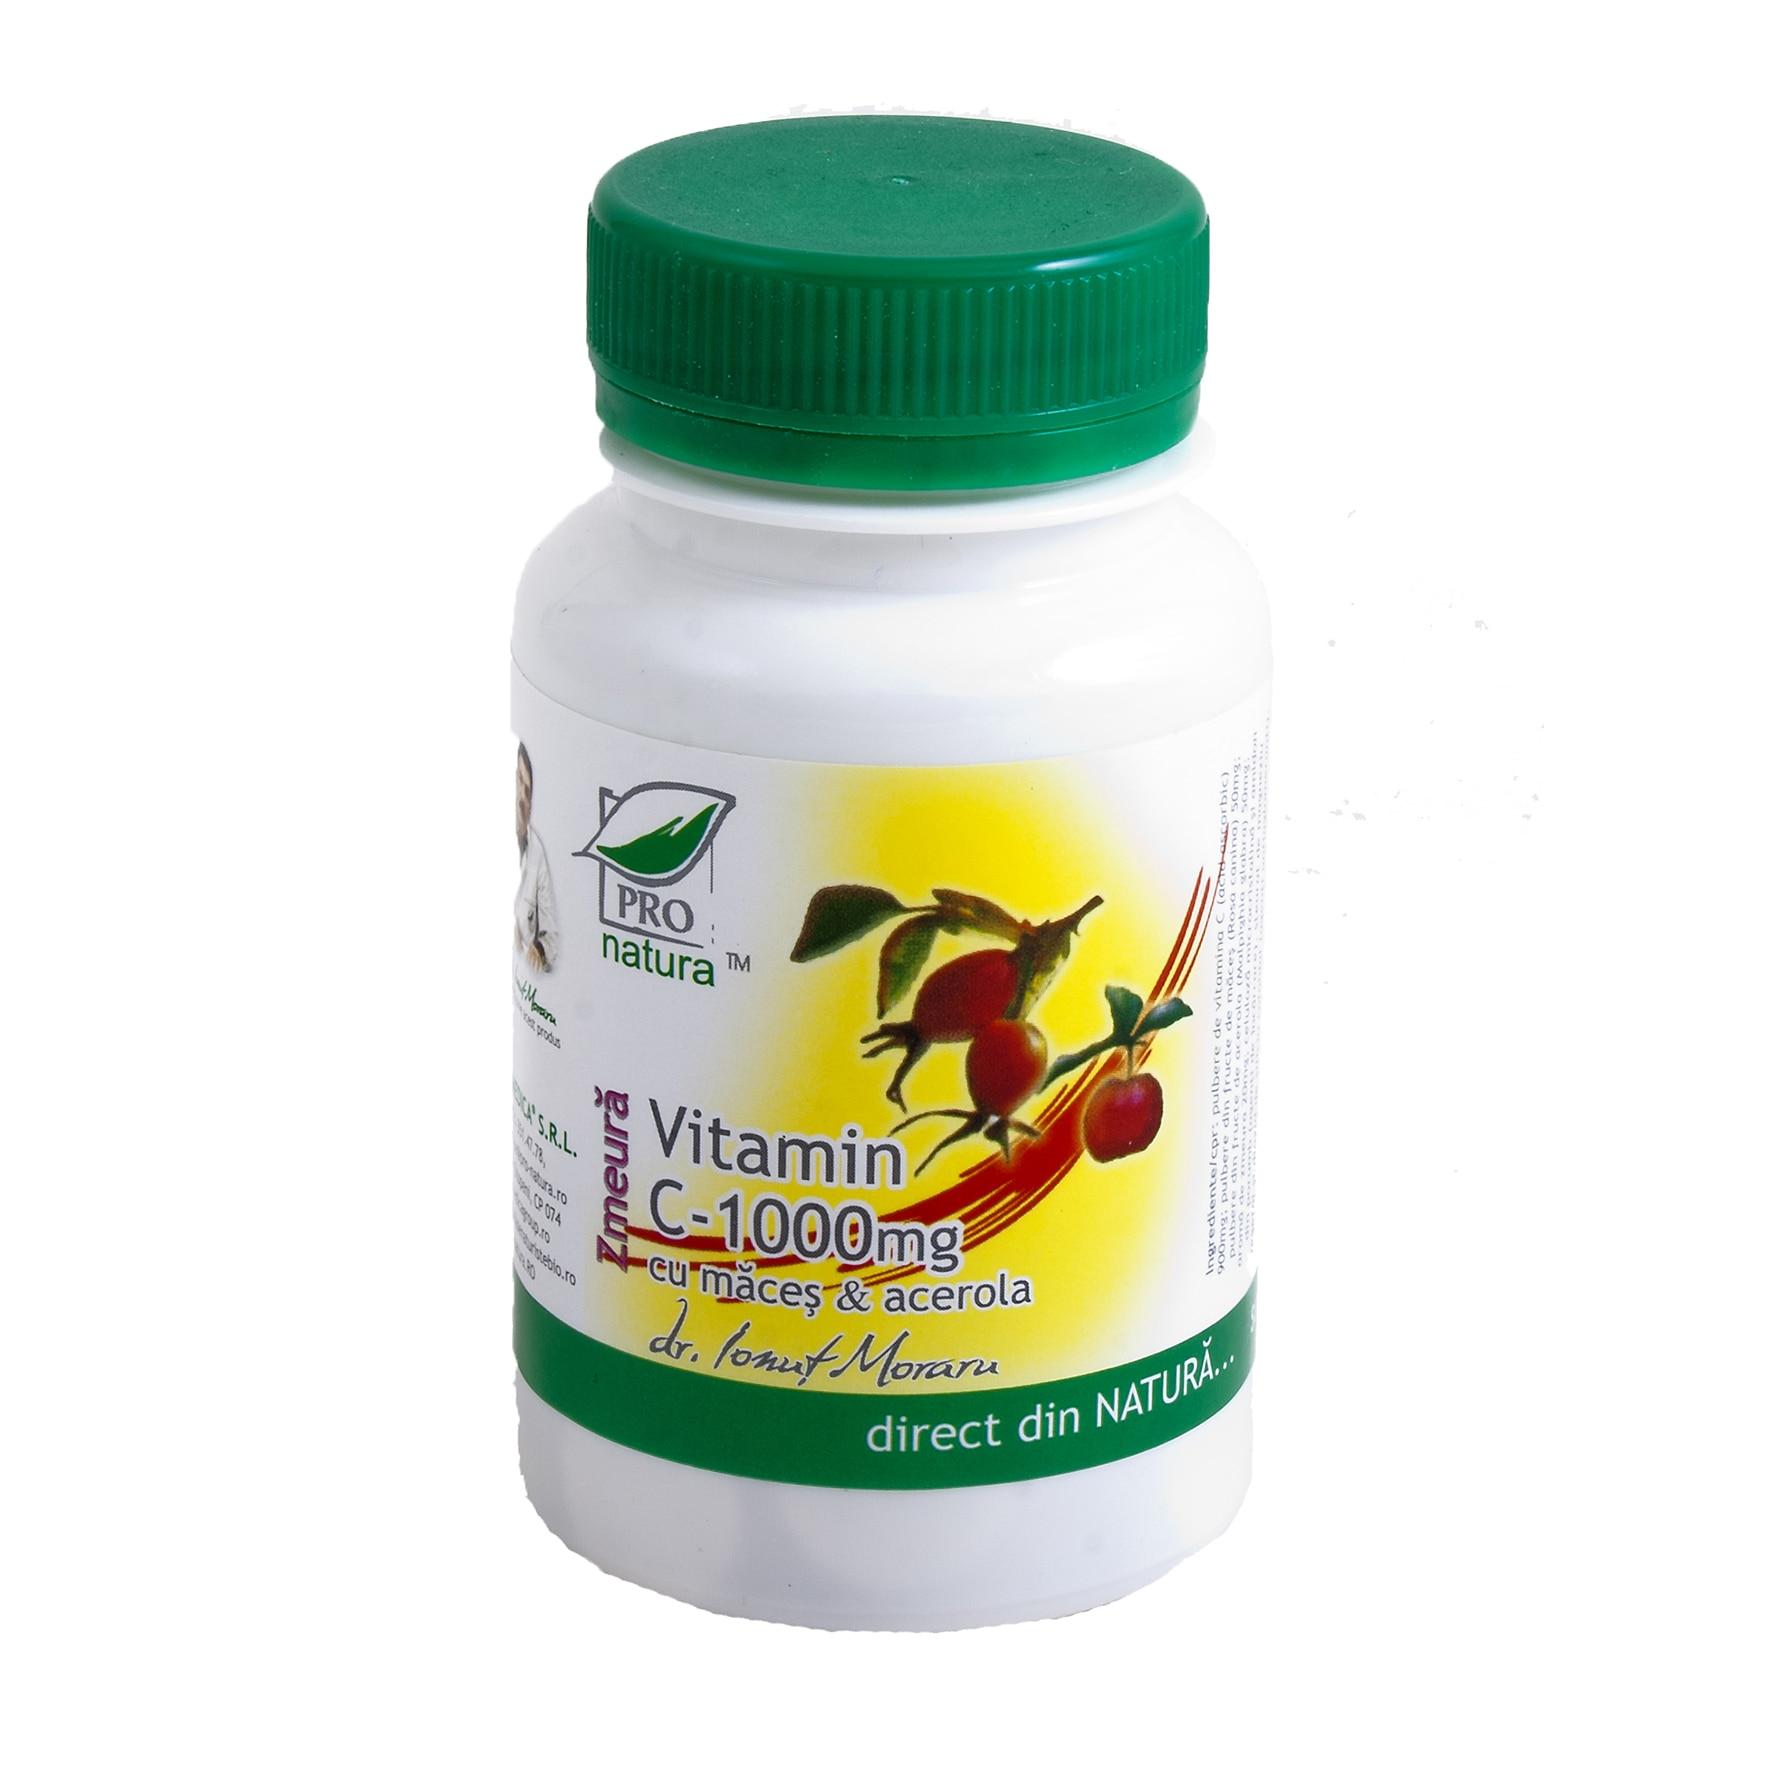 Vitamina C 1000mg cu maceșe și acerola cu zmeură, 60 comprimate, Pro Natura